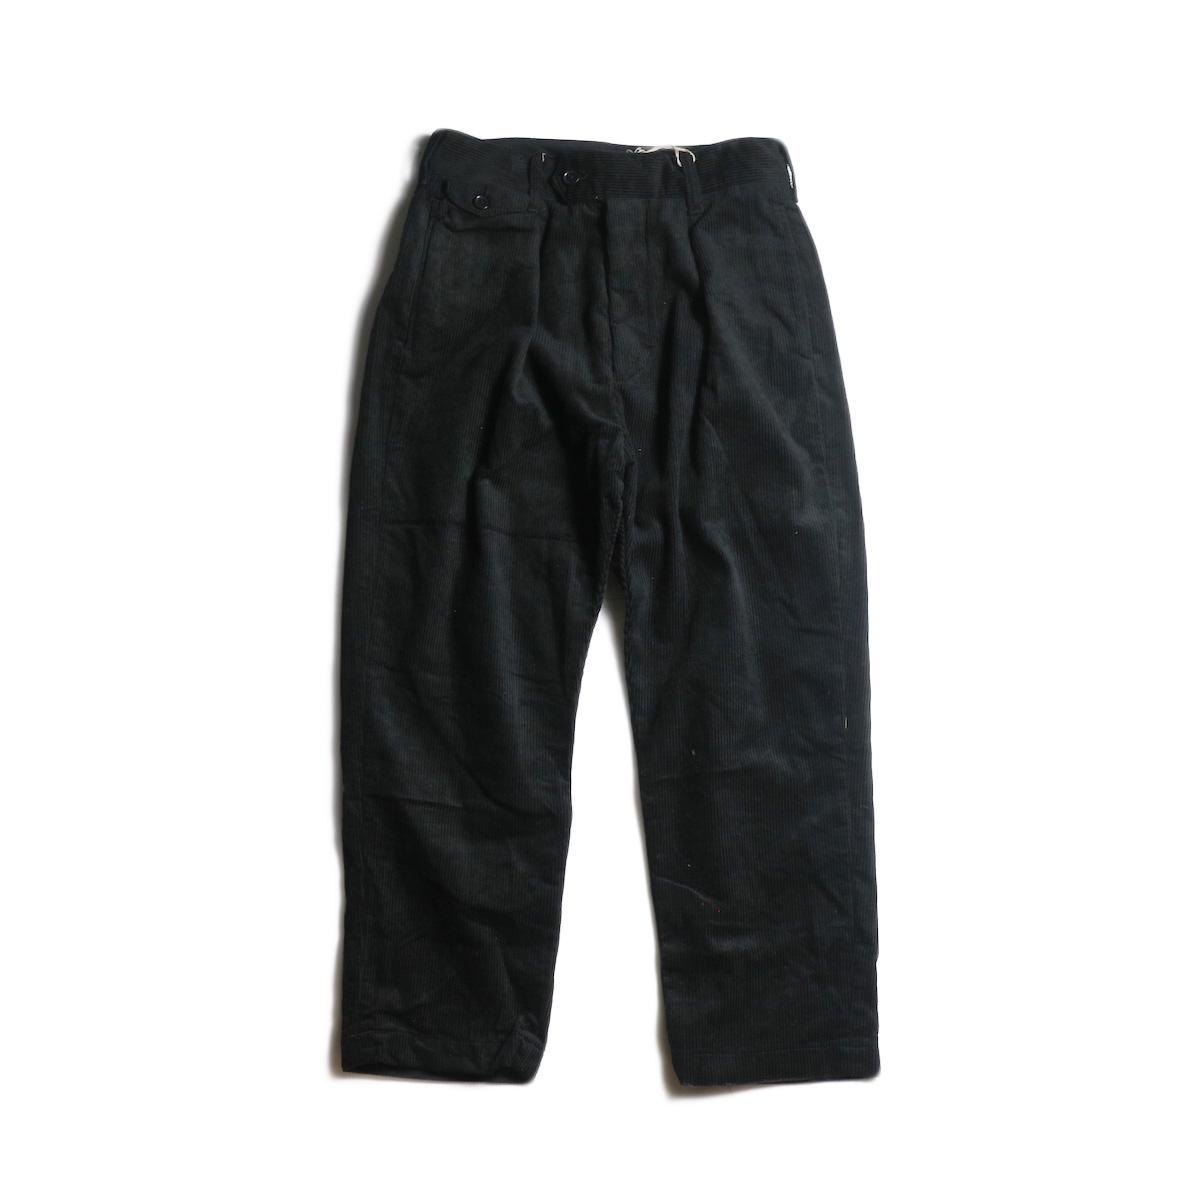 AiE / PLJ Pant -8W Corduroy (Black)